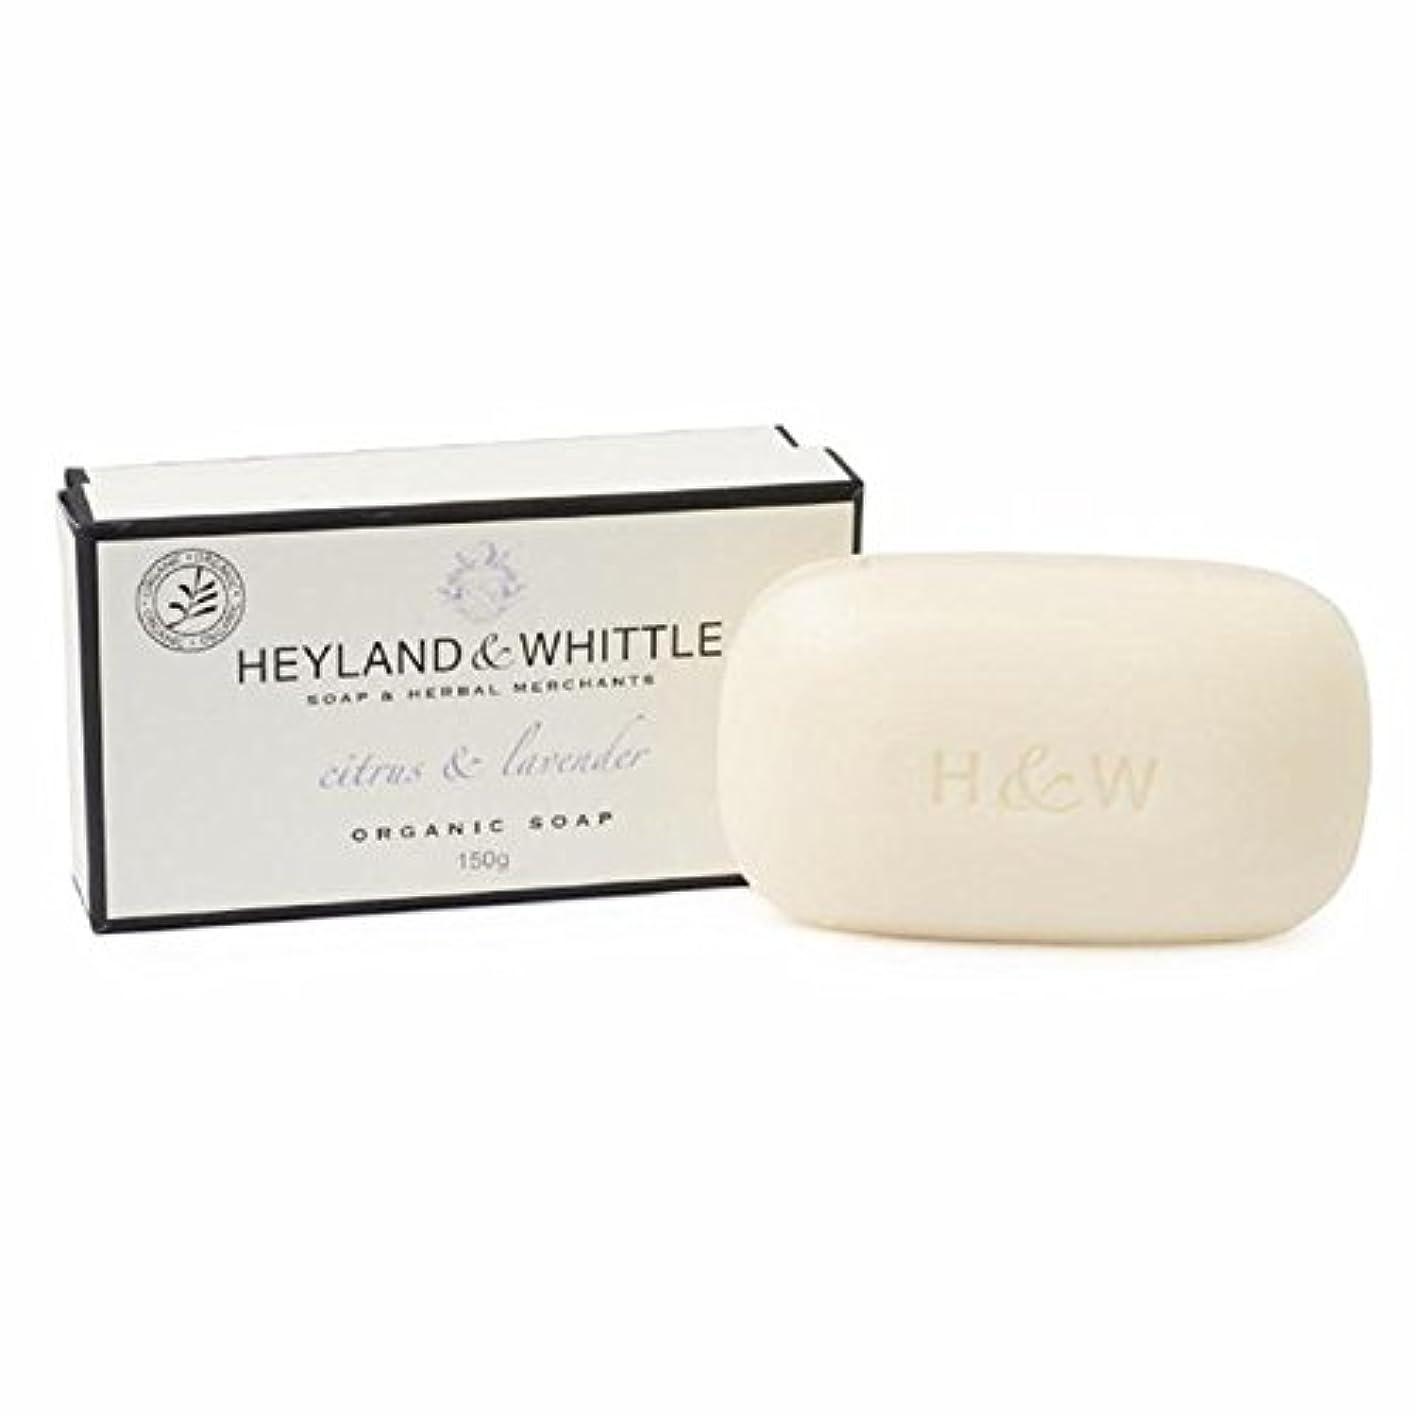 紳士気取りの、きざな春実験的&削るシトラス&ラベンダーは、有機石鹸150グラム箱入り x4 - Heyland & Whittle Citrus & Lavender Boxed Organic Soap 150g (Pack of 4) [並行輸入品]